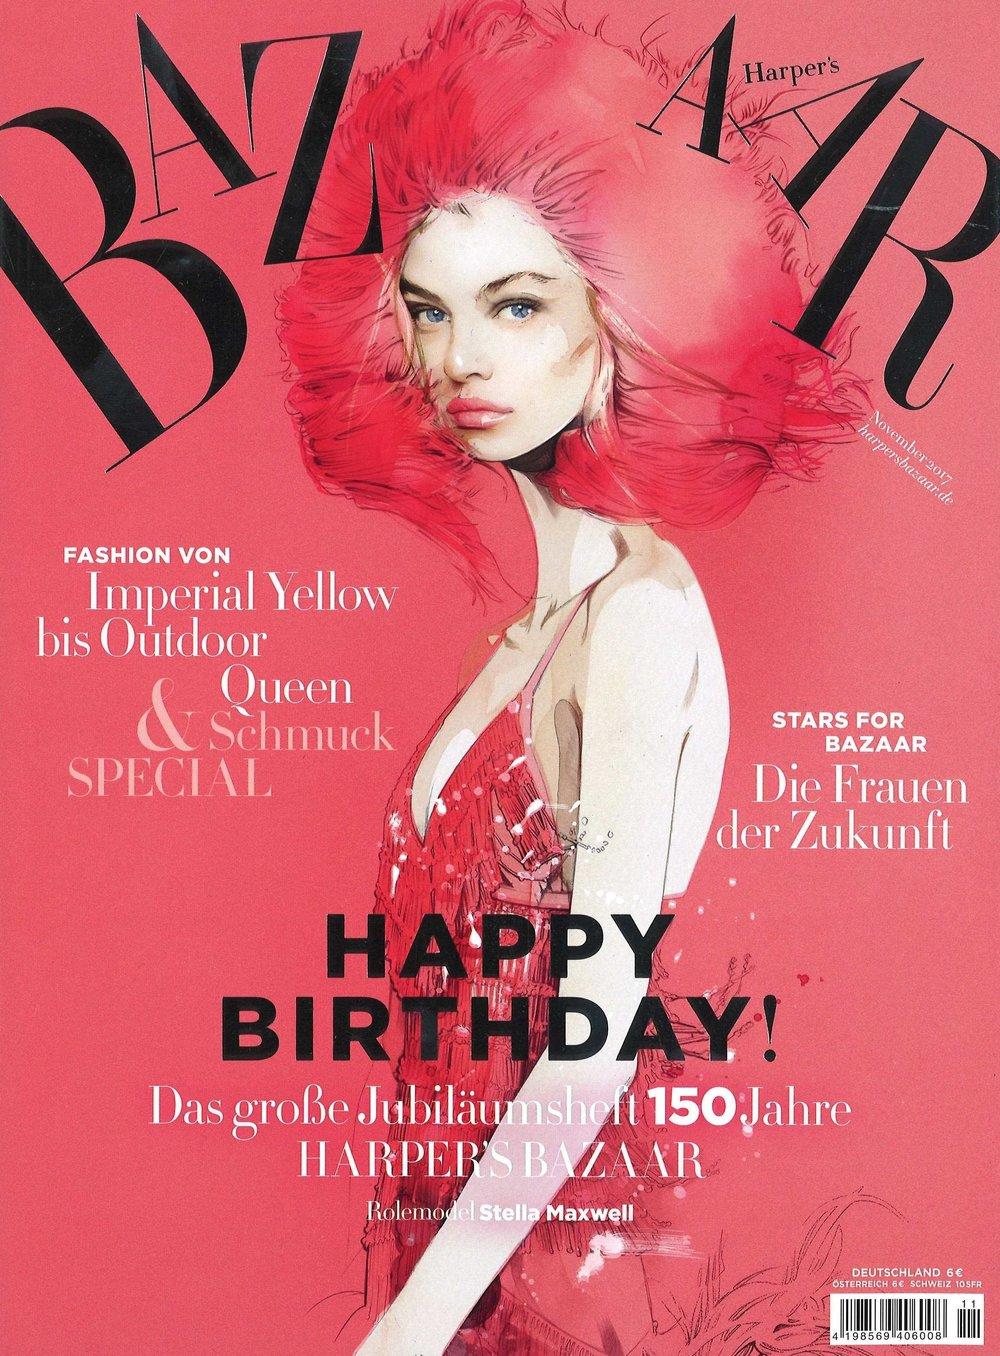 Harper's Bazaar Germany Cover